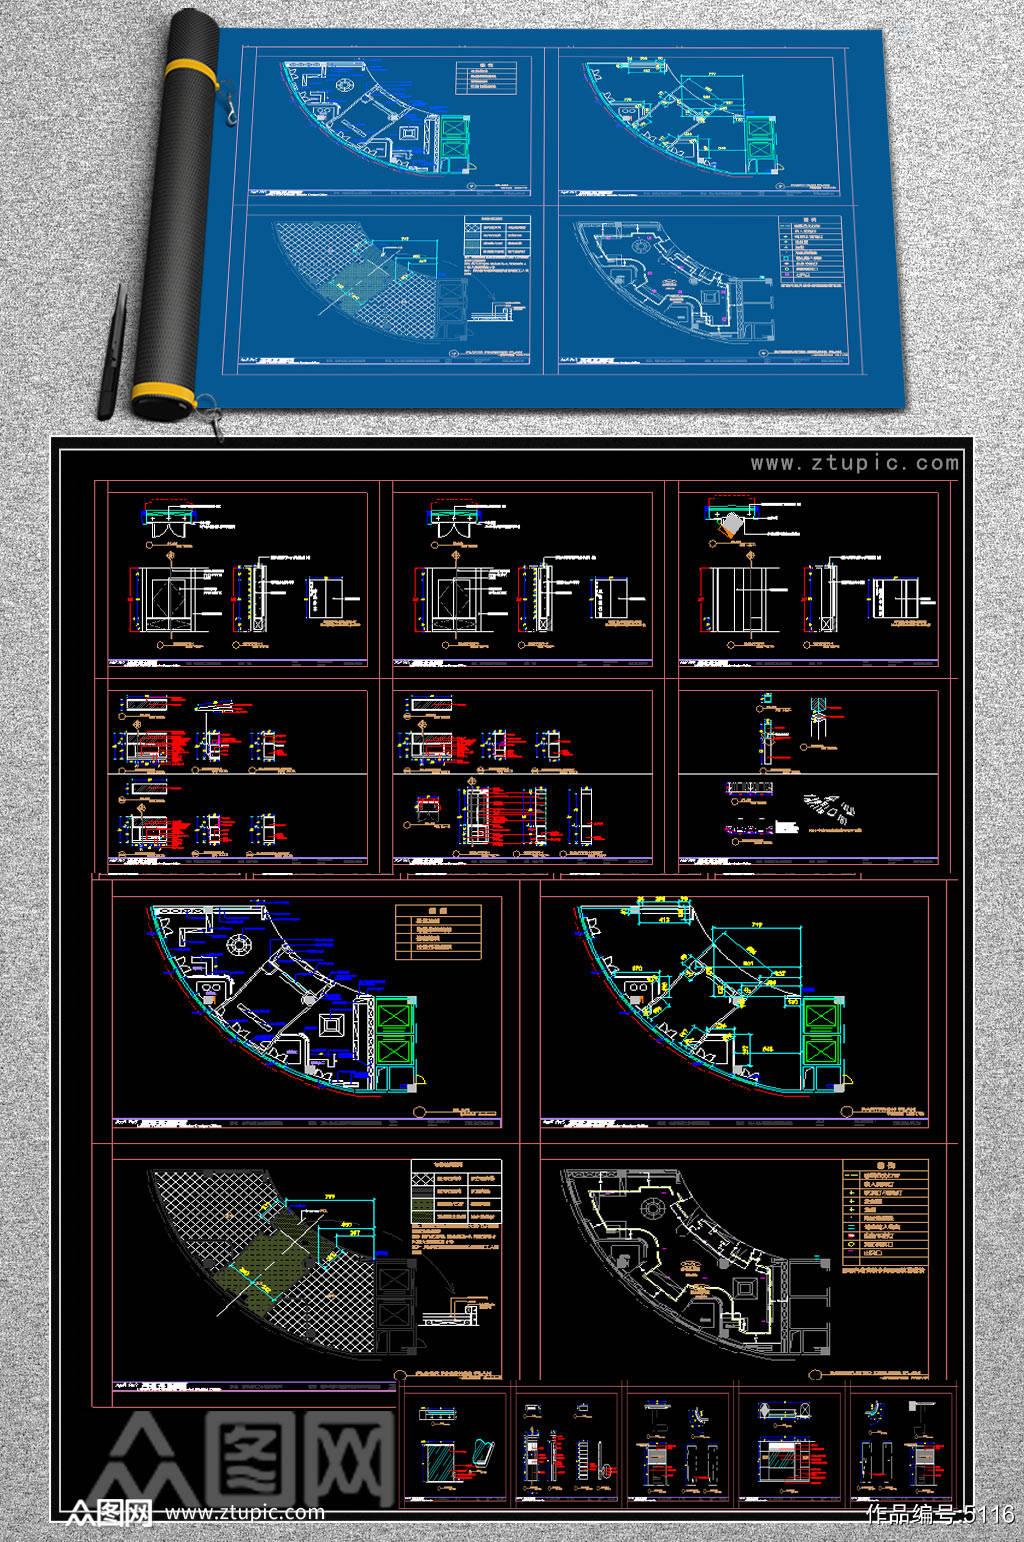 原创全套展厅CAD施工图素材